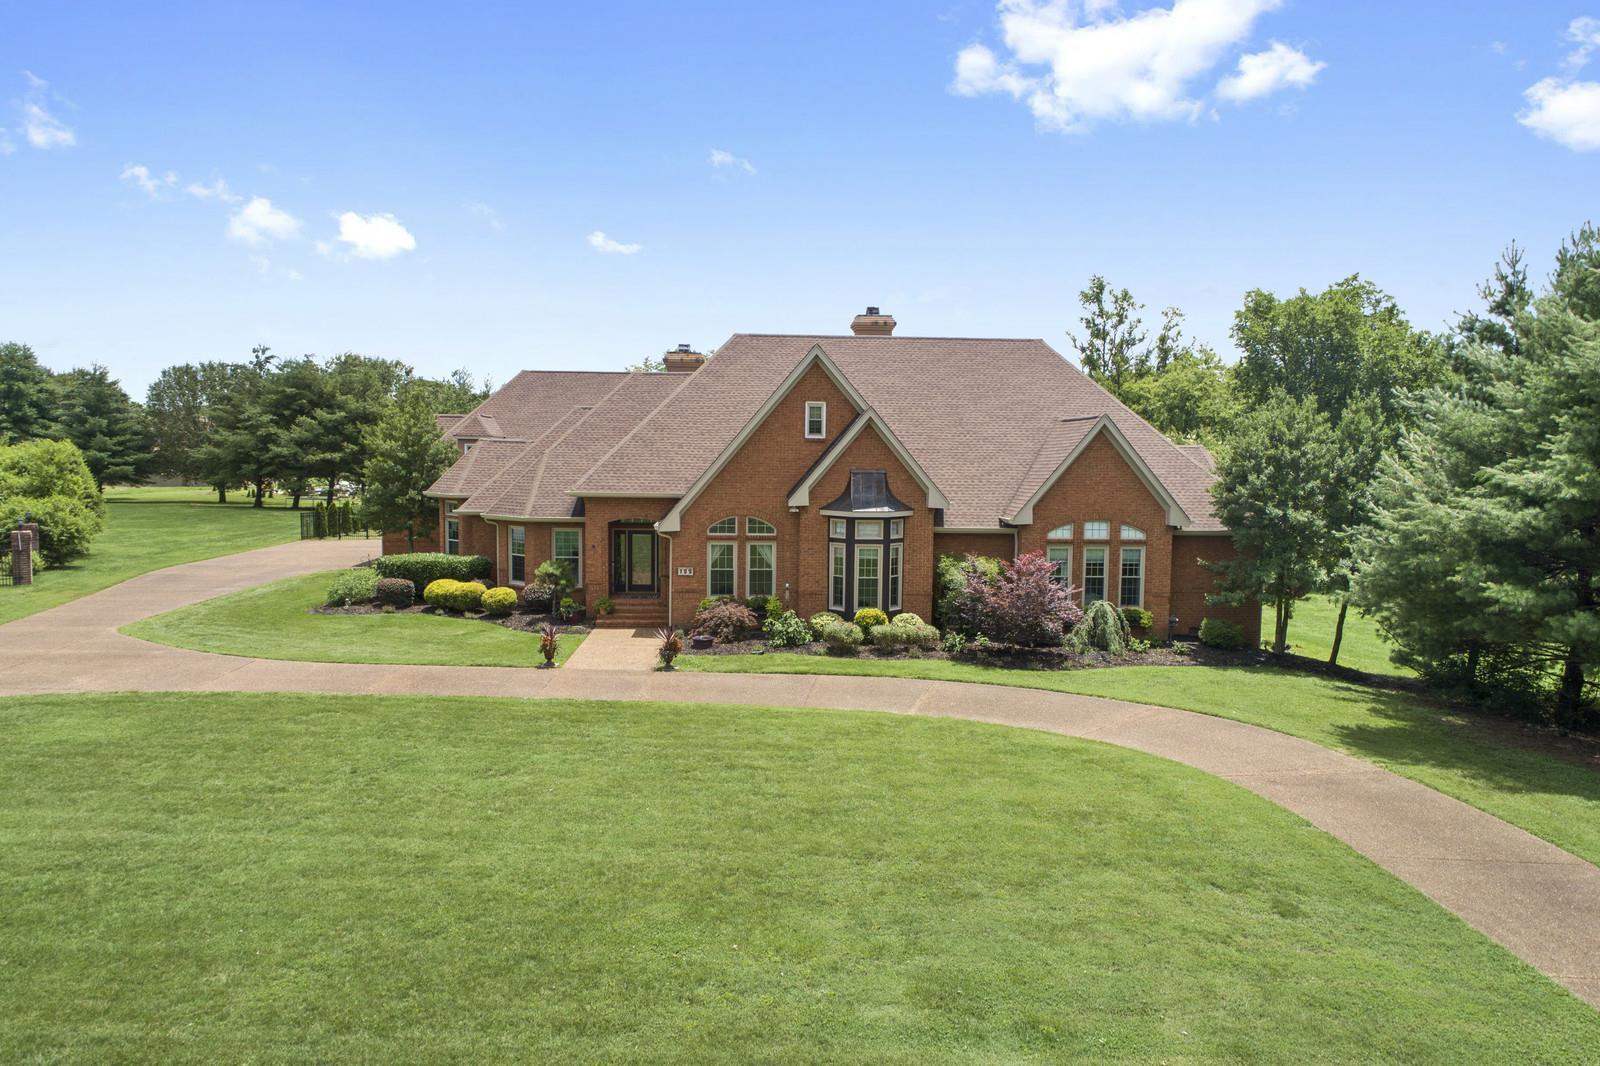 122 Skyview Dr, Hendersonville, TN 37075 - Hendersonville, TN real estate listing